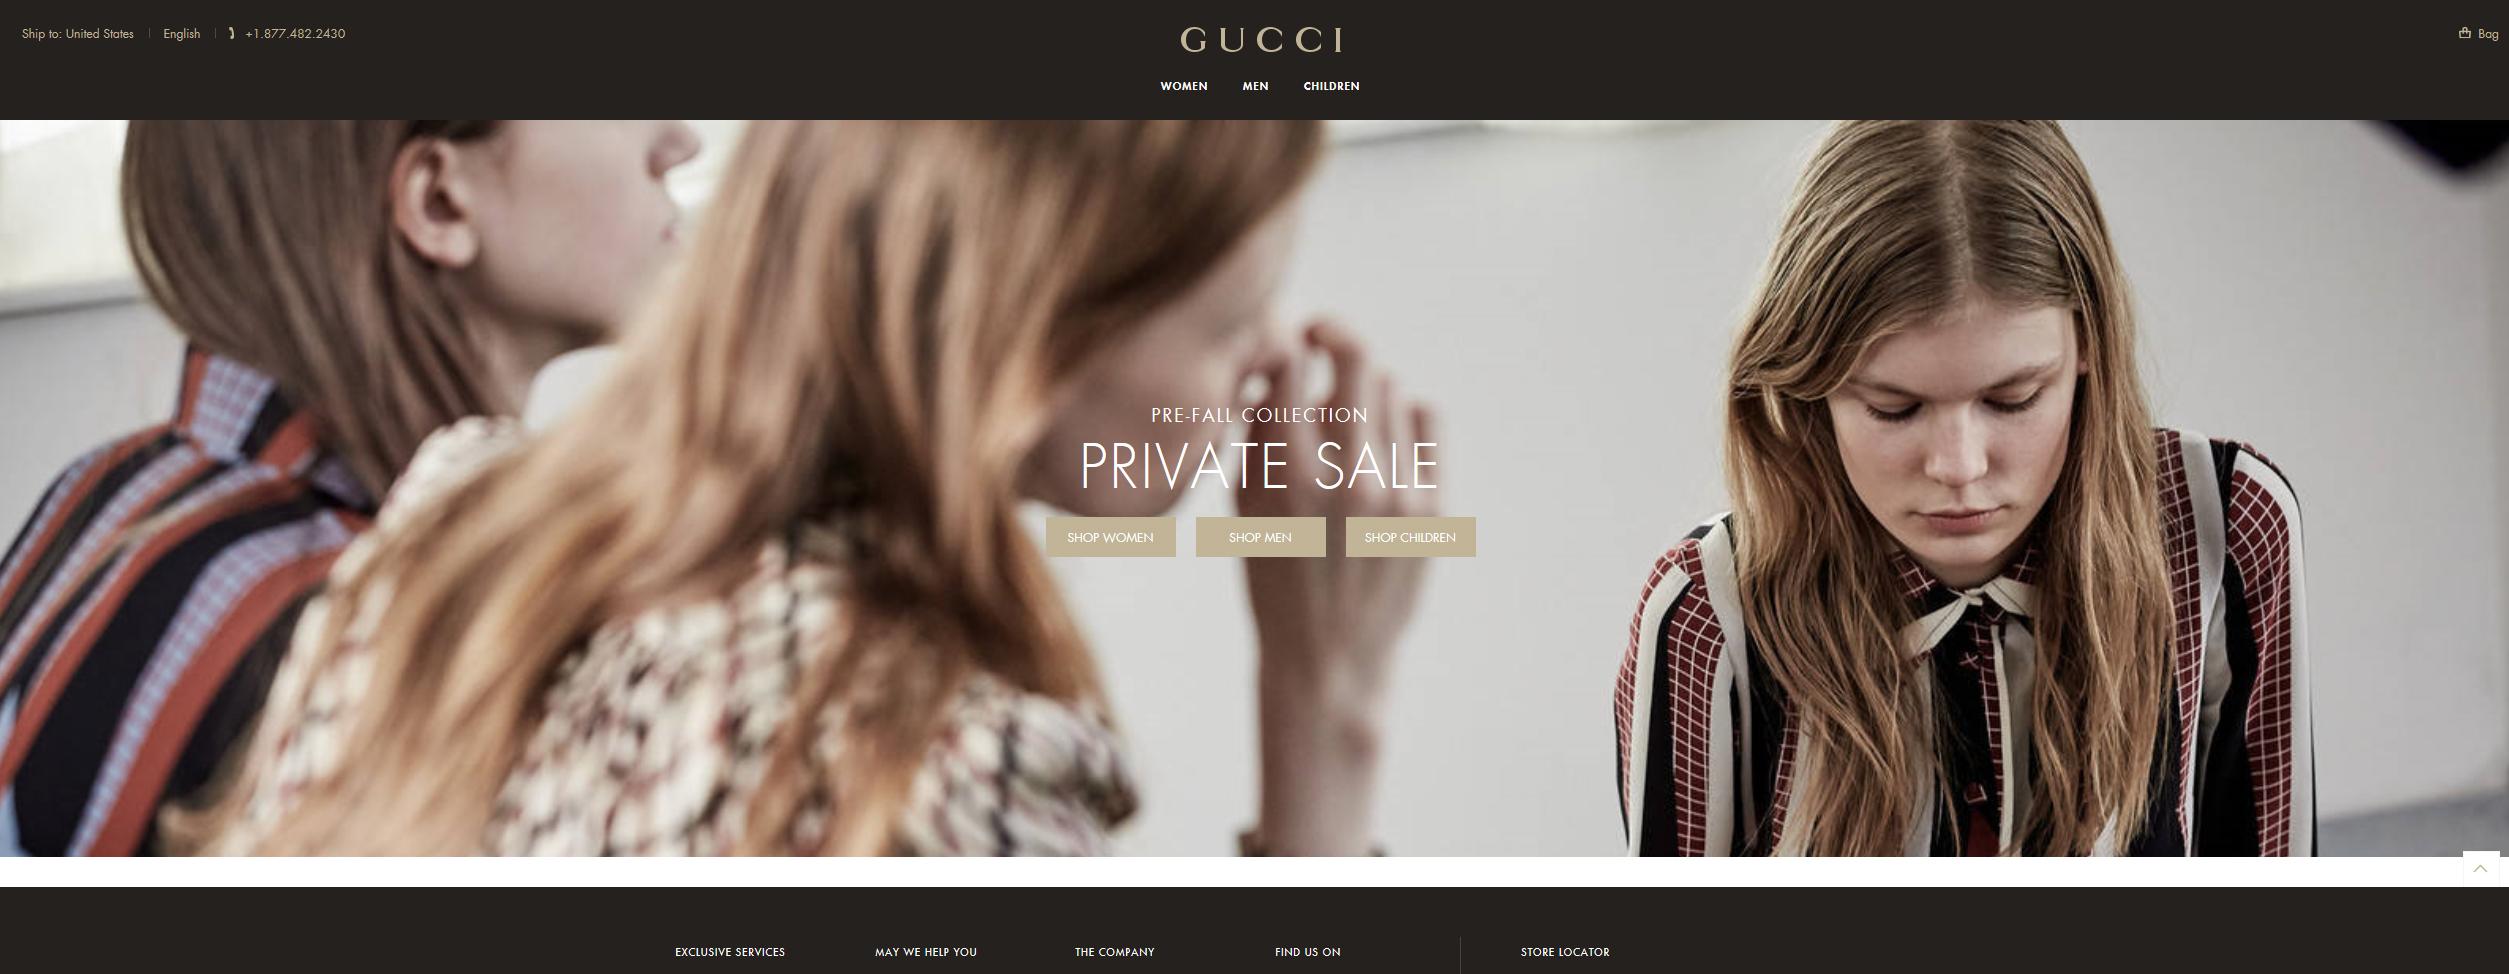 구찌 Gucci 2015 가을/겨울 제품 최대 50% 세일